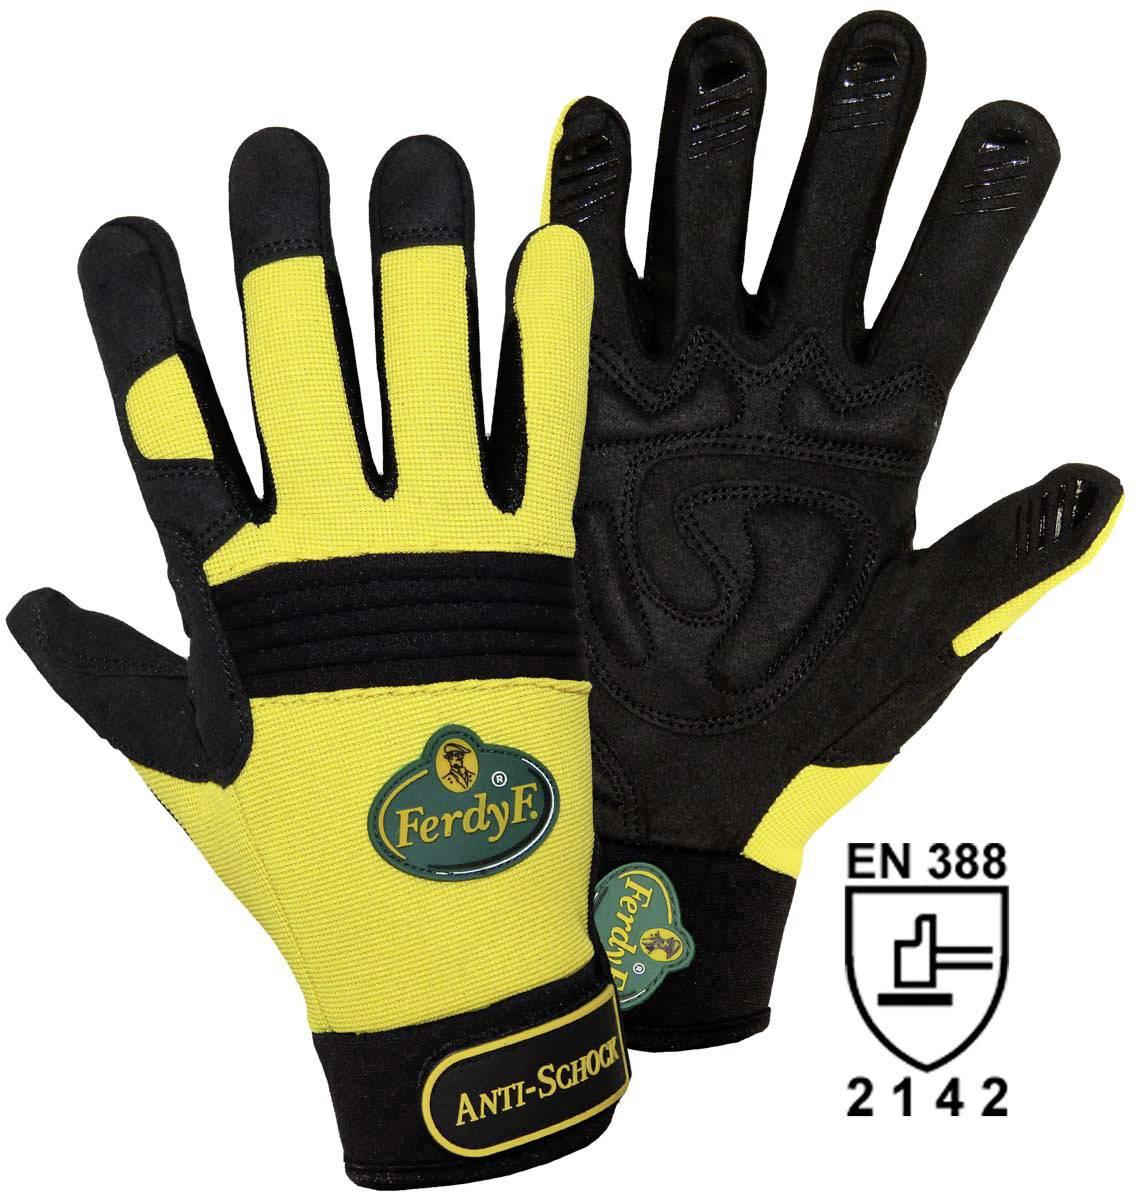 Montážní rukavice FerdyF. ANTI-SCHOCK 1970, CLARINO® - Syntetická kůže, velikost rukavic: 11, XXL